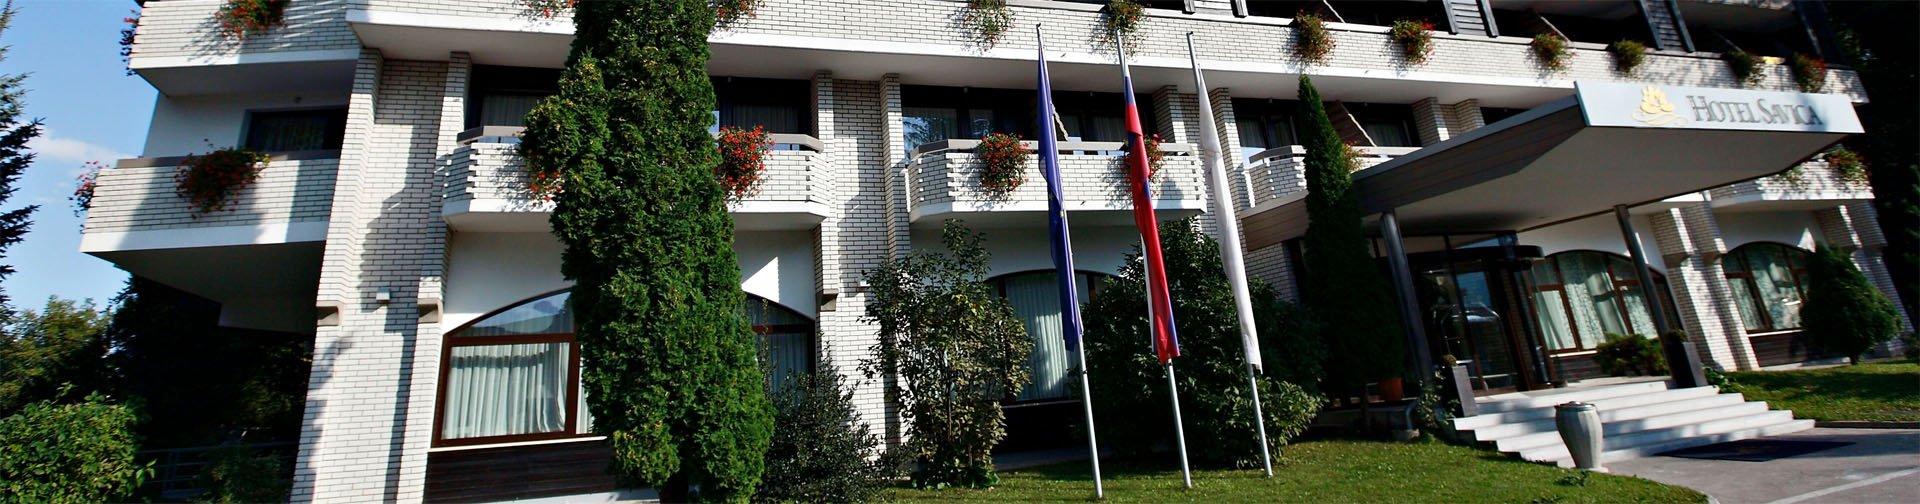 Bnner Hotel Savica - Bled, Slovenië